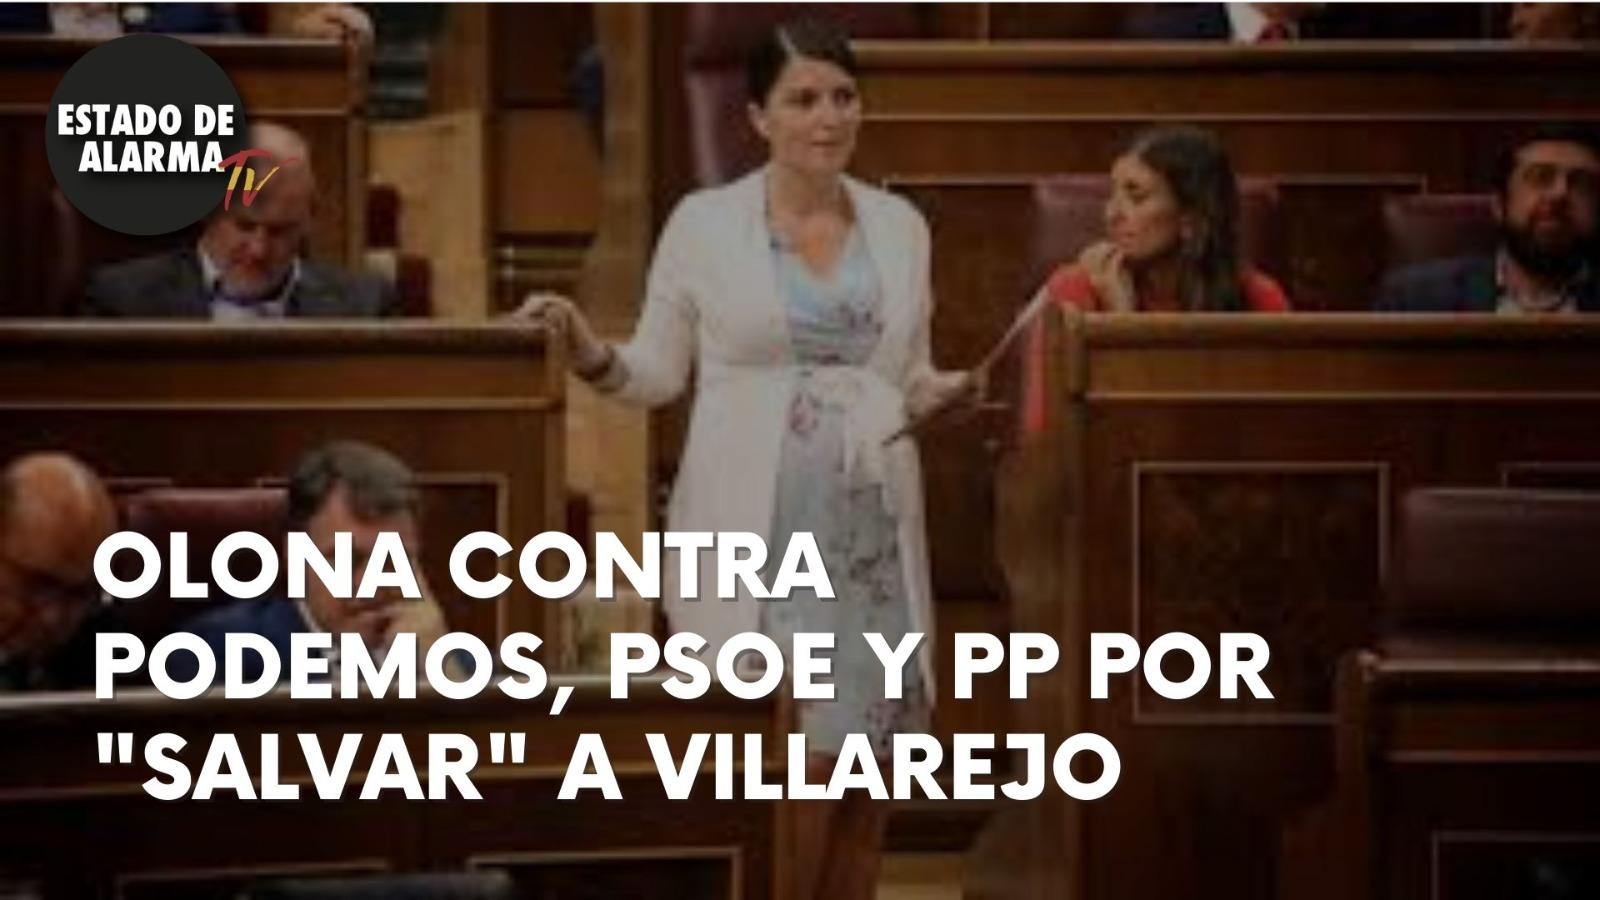 IOLONA CONTRA PODEMOS, PSOE Y PP POR